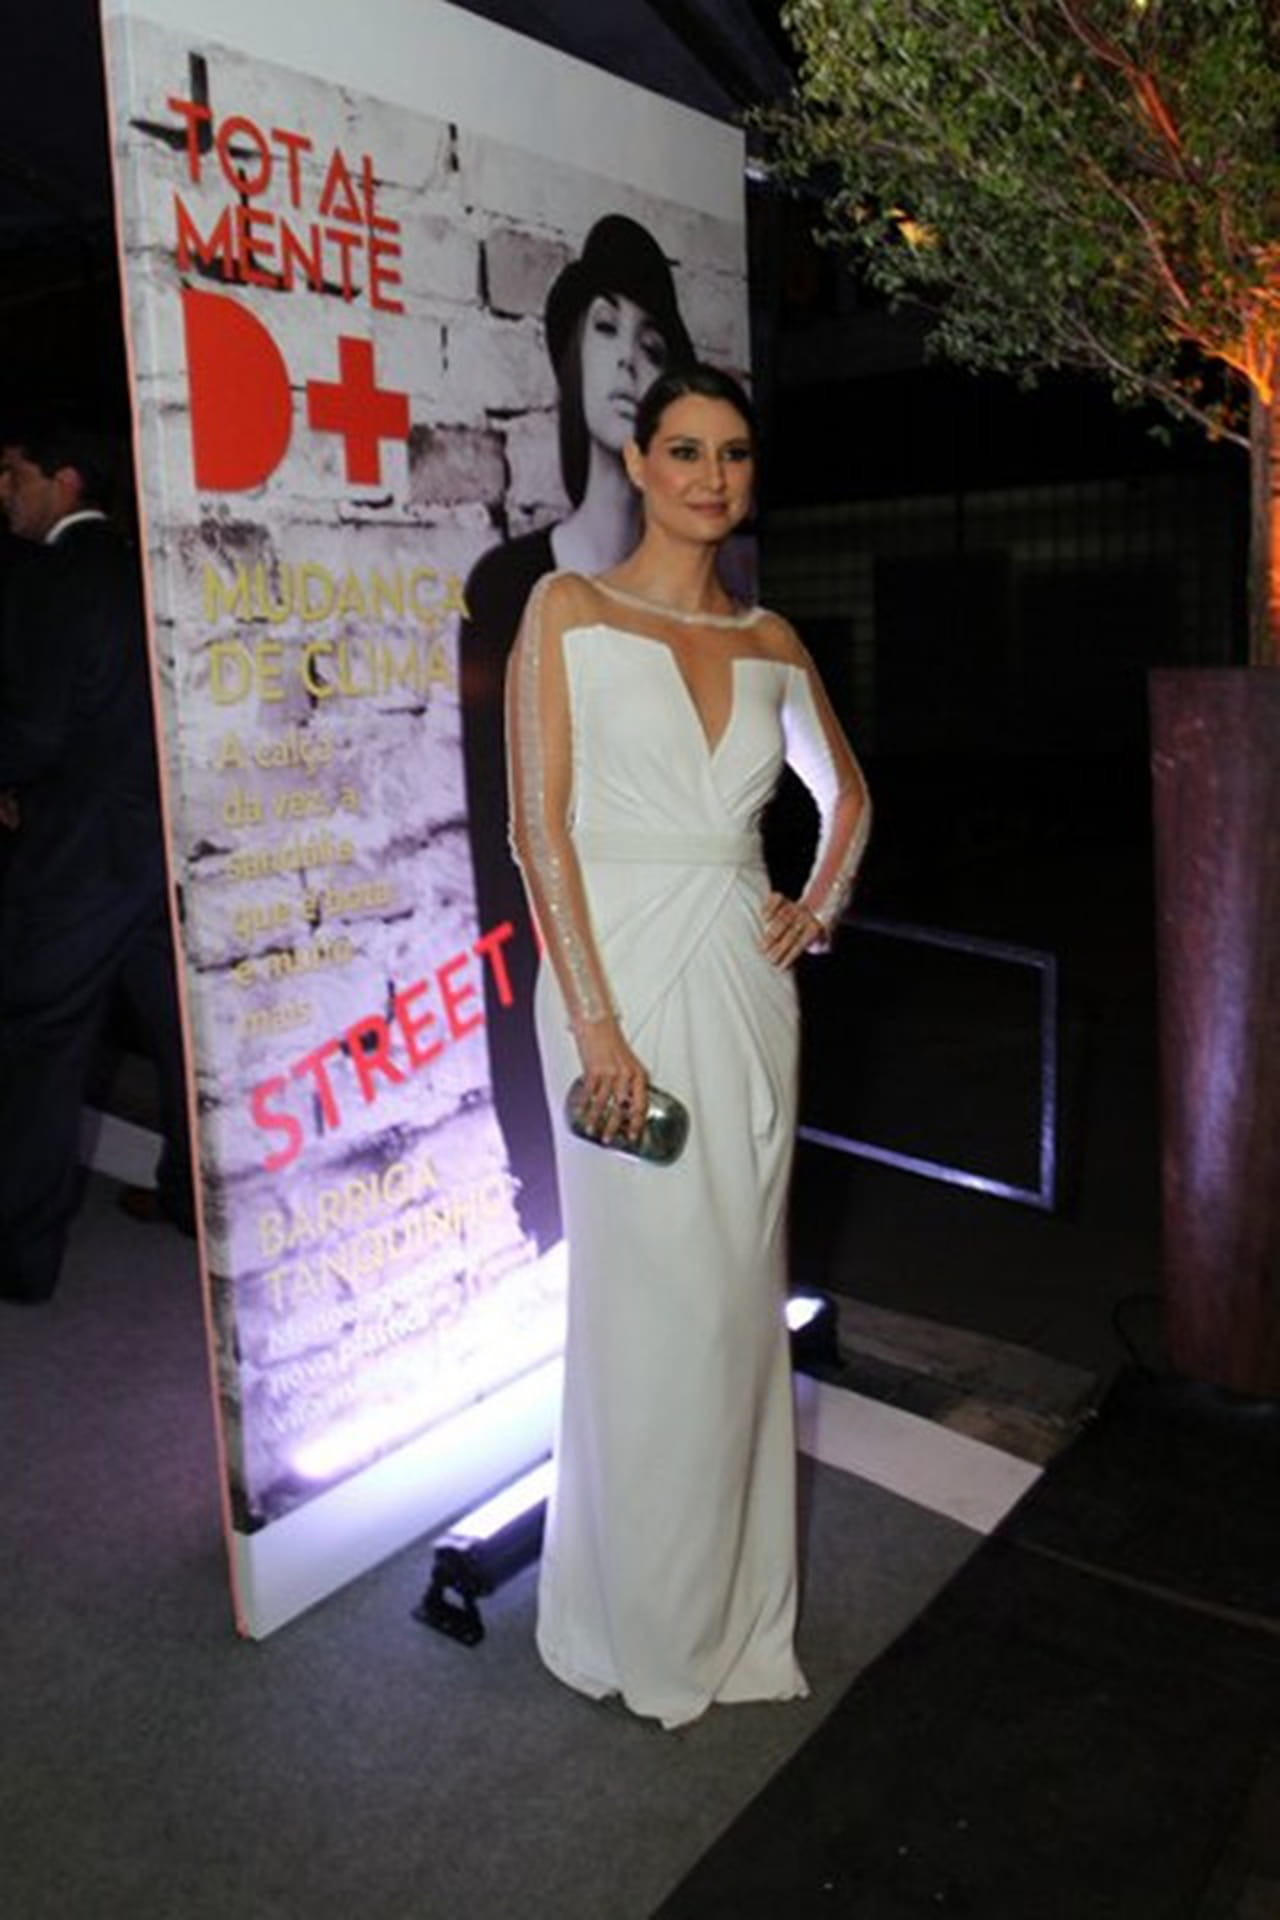 A atriz Lavínia Vlasak escolheu um vestido longo branco para prestigiar o  lançamento da nova novela. 4e567a2aab